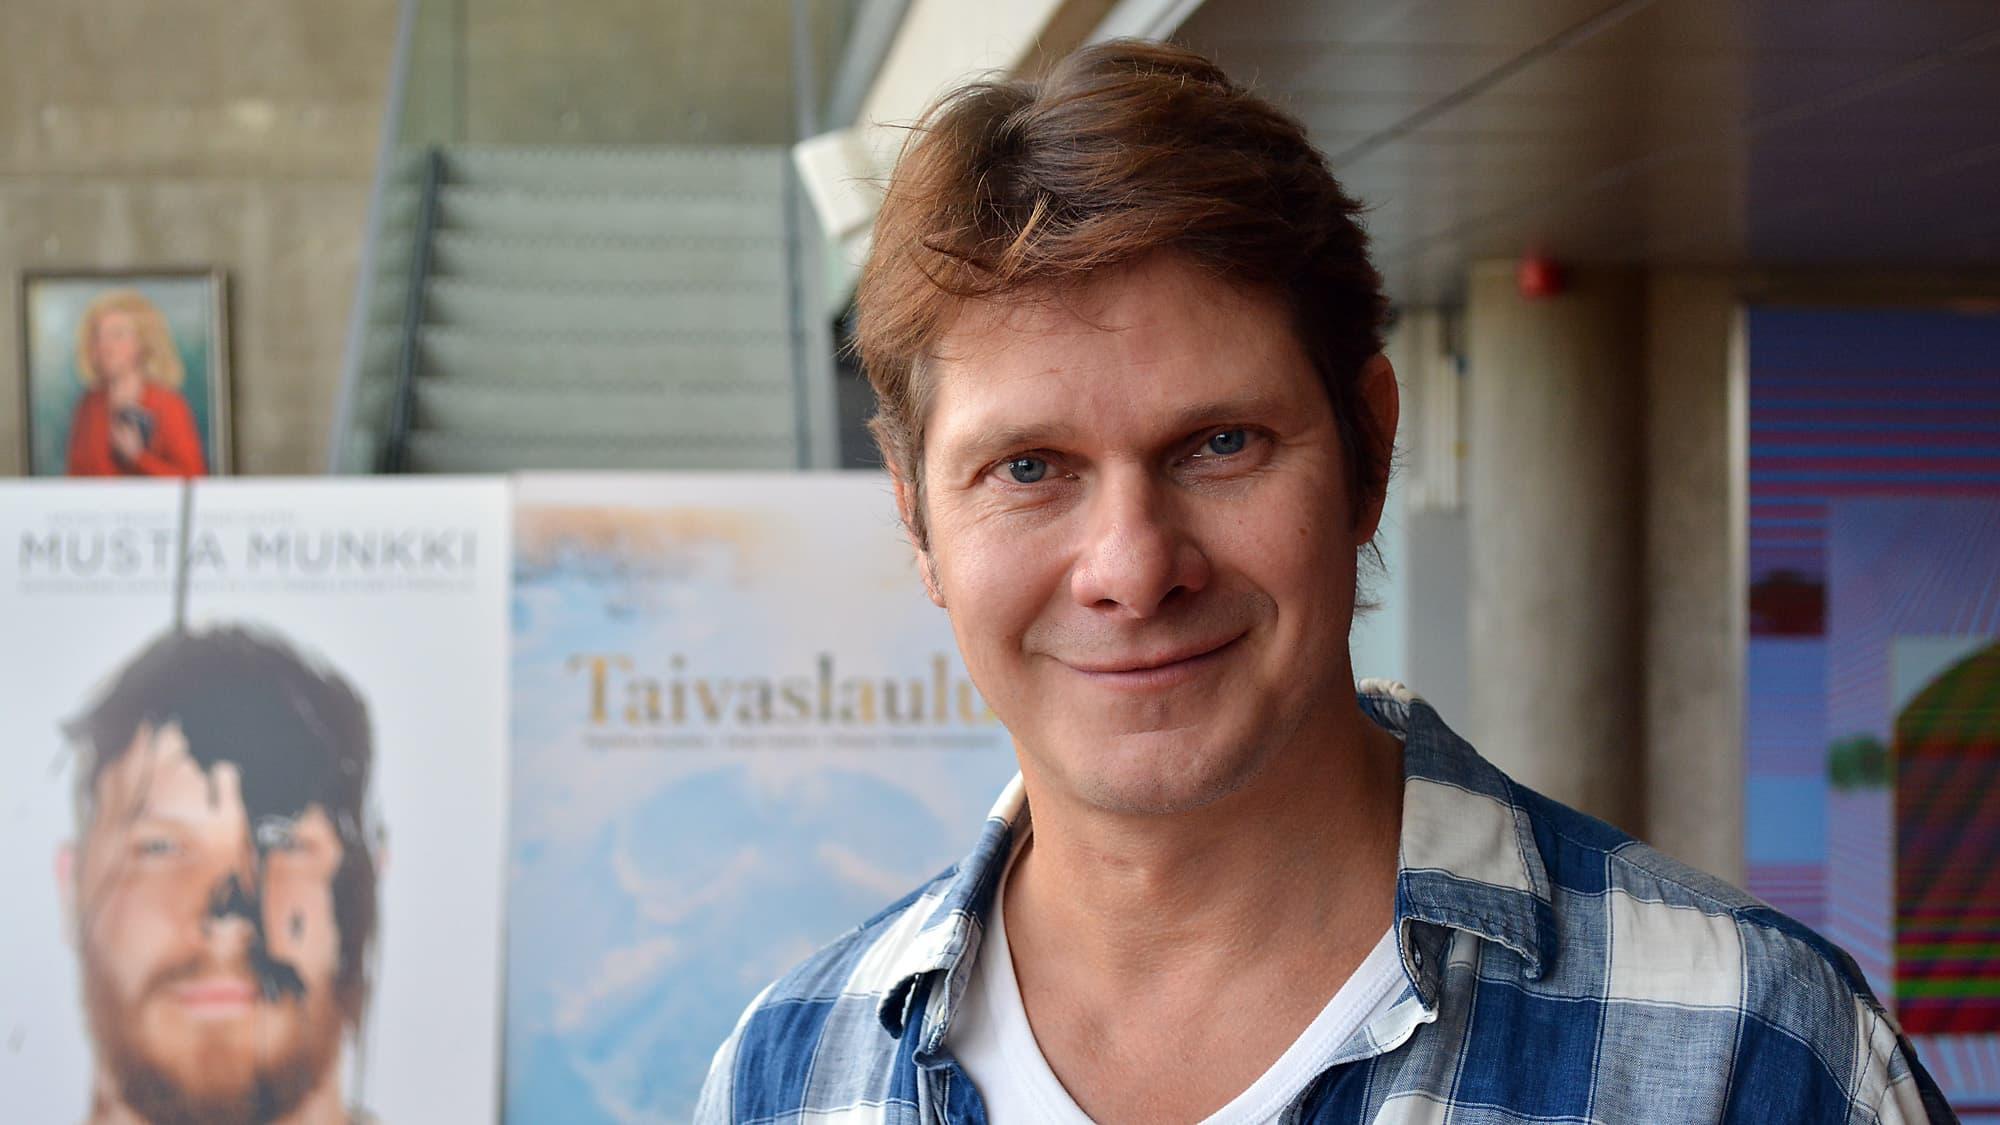 Oulun kaupunginteatterin taiteellinen johtaja Kari-Pekka Toivonen.